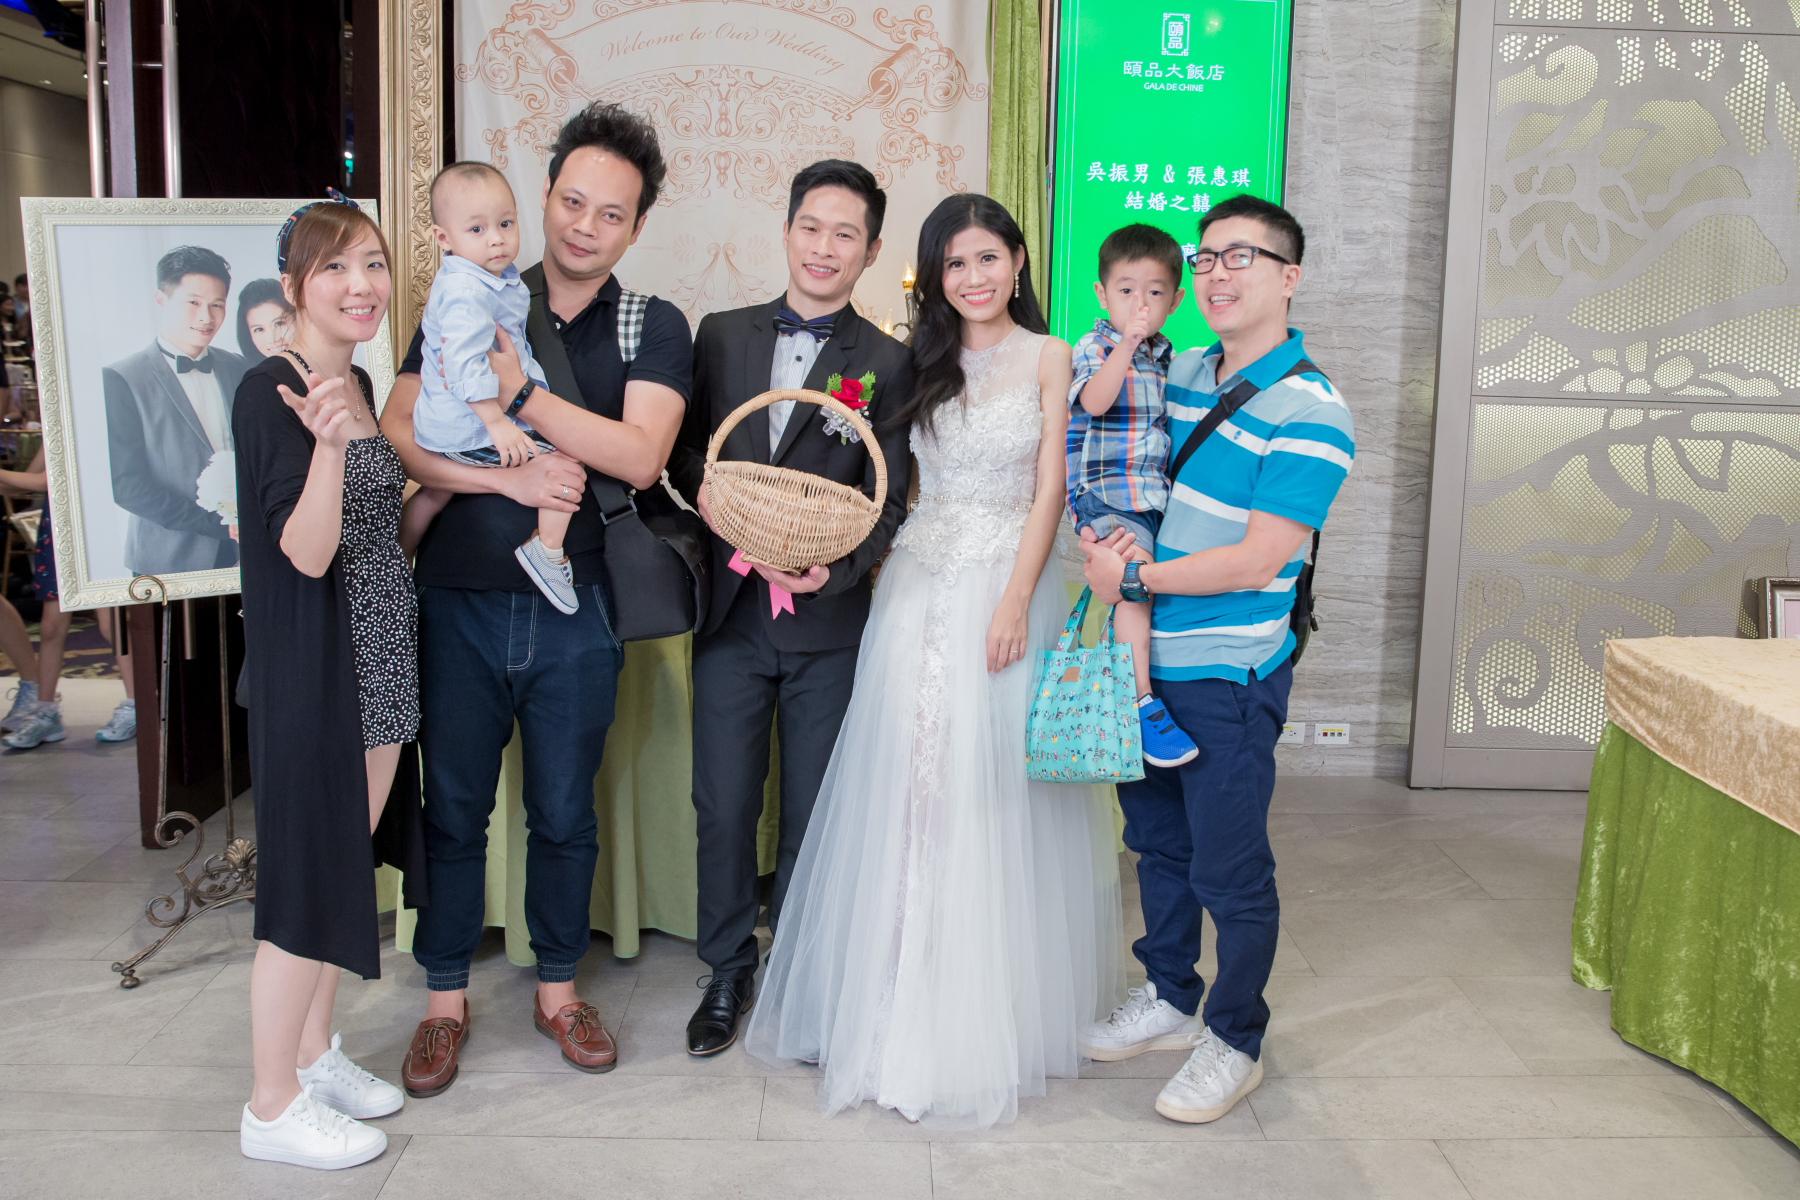 新莊頤品 婚攝 婚禮紀錄617